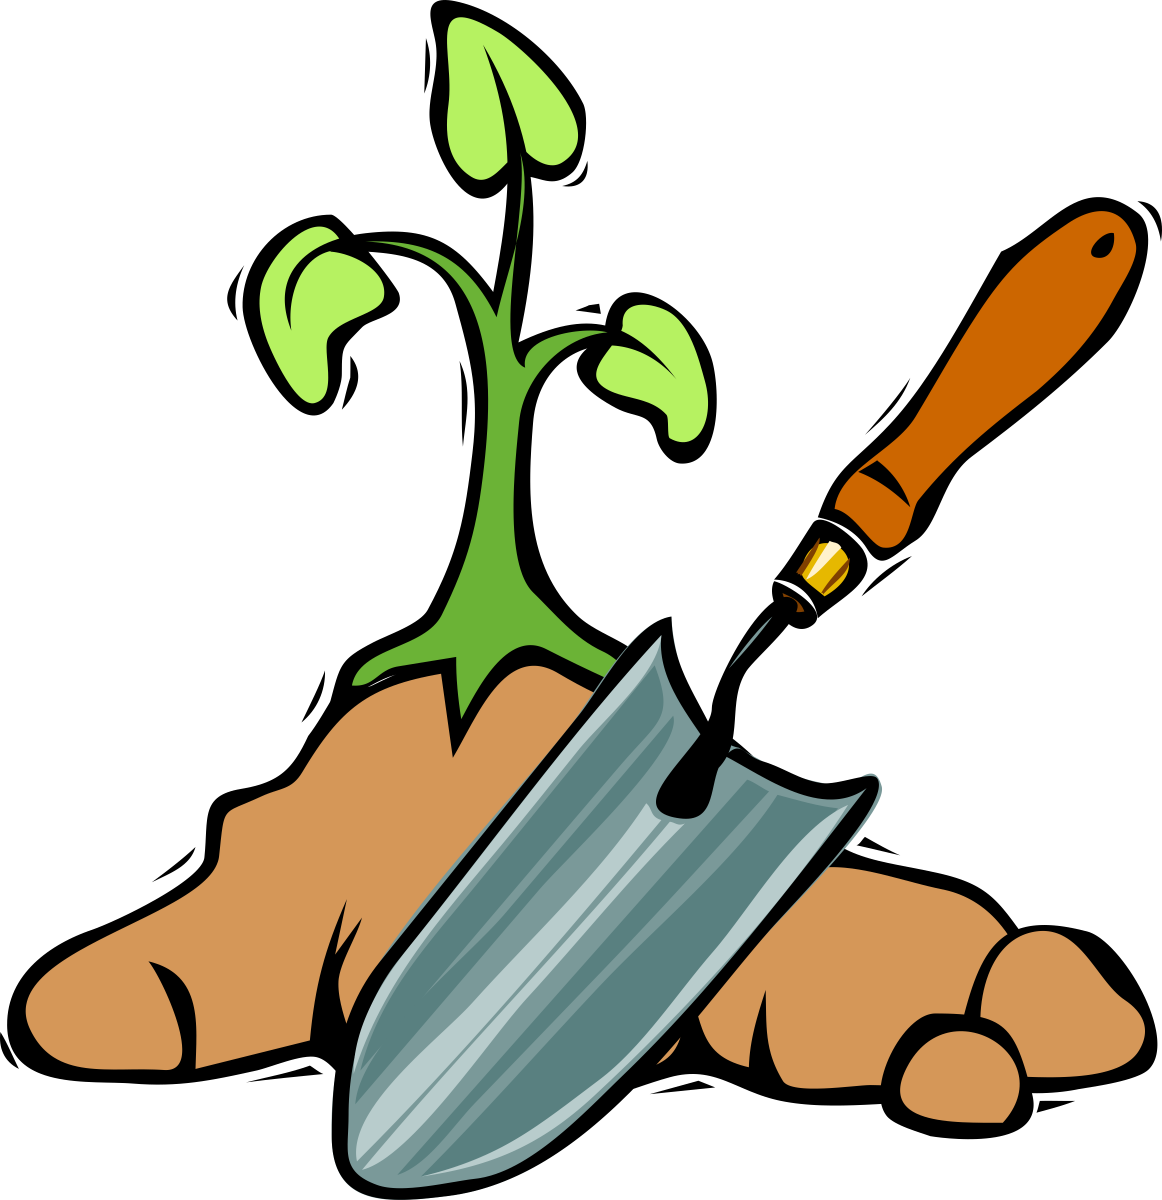 Environment clipart arbor day. California garden clubs thanks